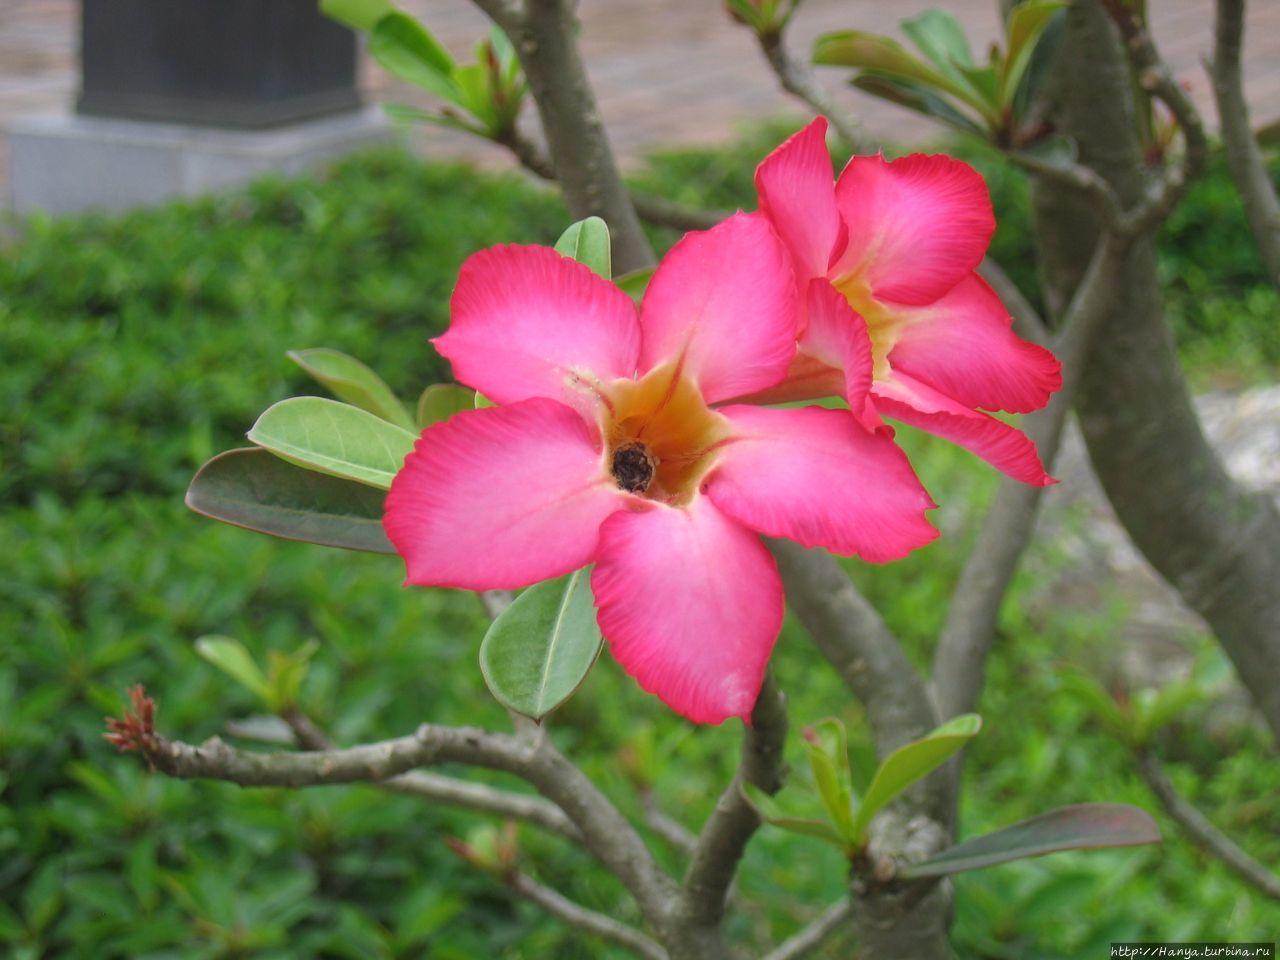 Хюэ. Цветы